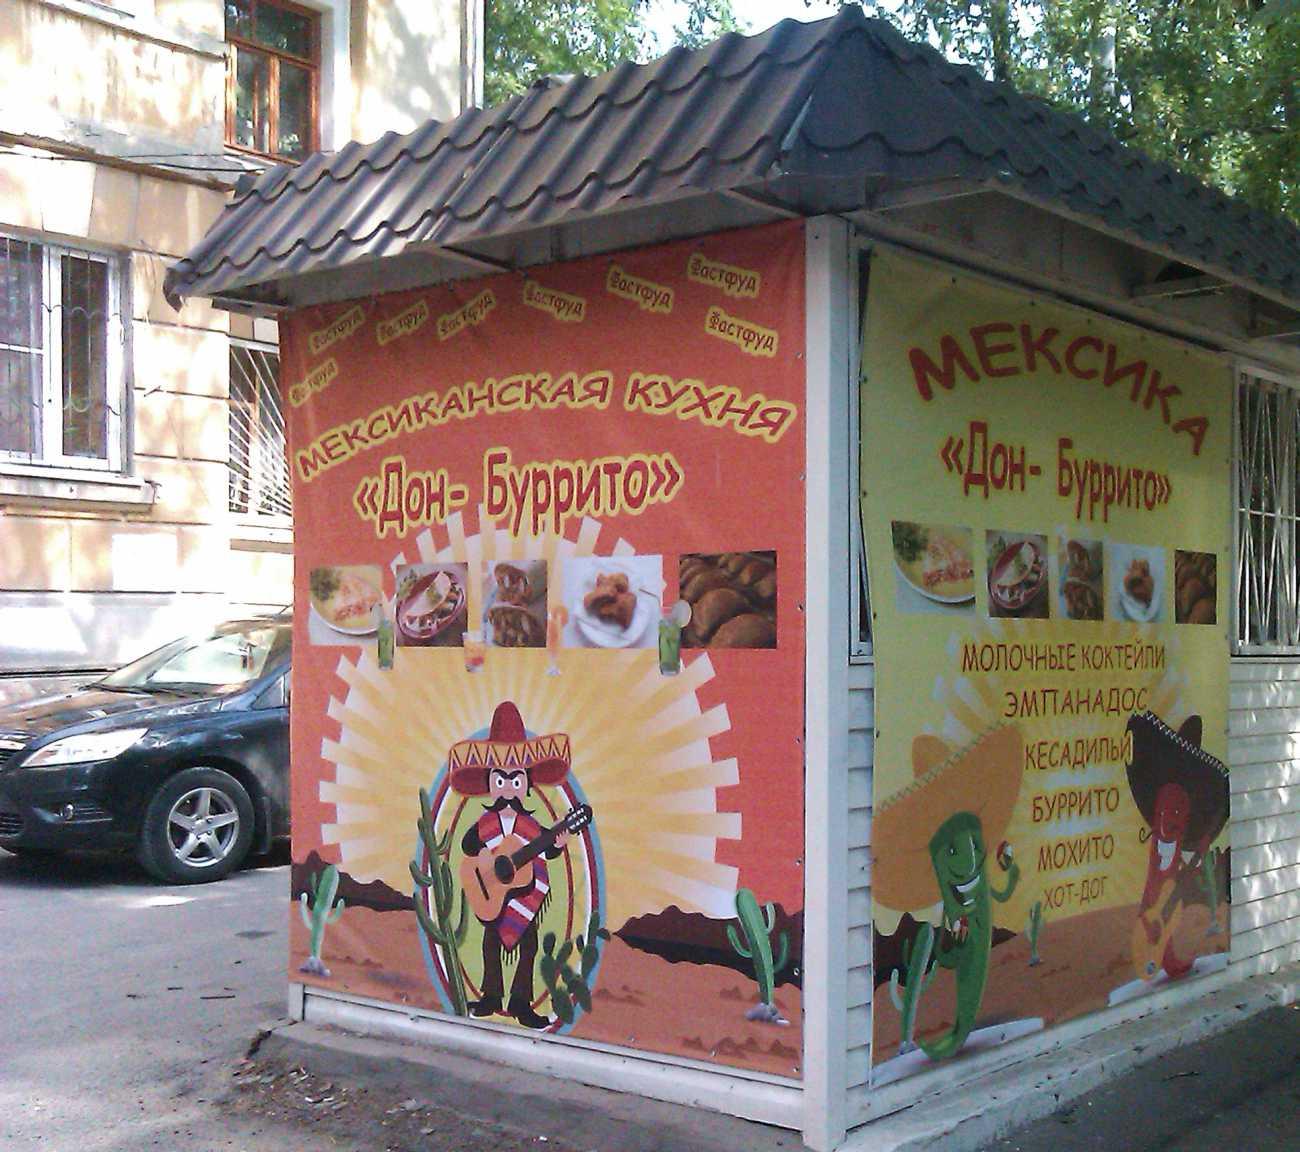 Изготовлена печать на баннере, монтаж баннеров в Ростове-на-Дону